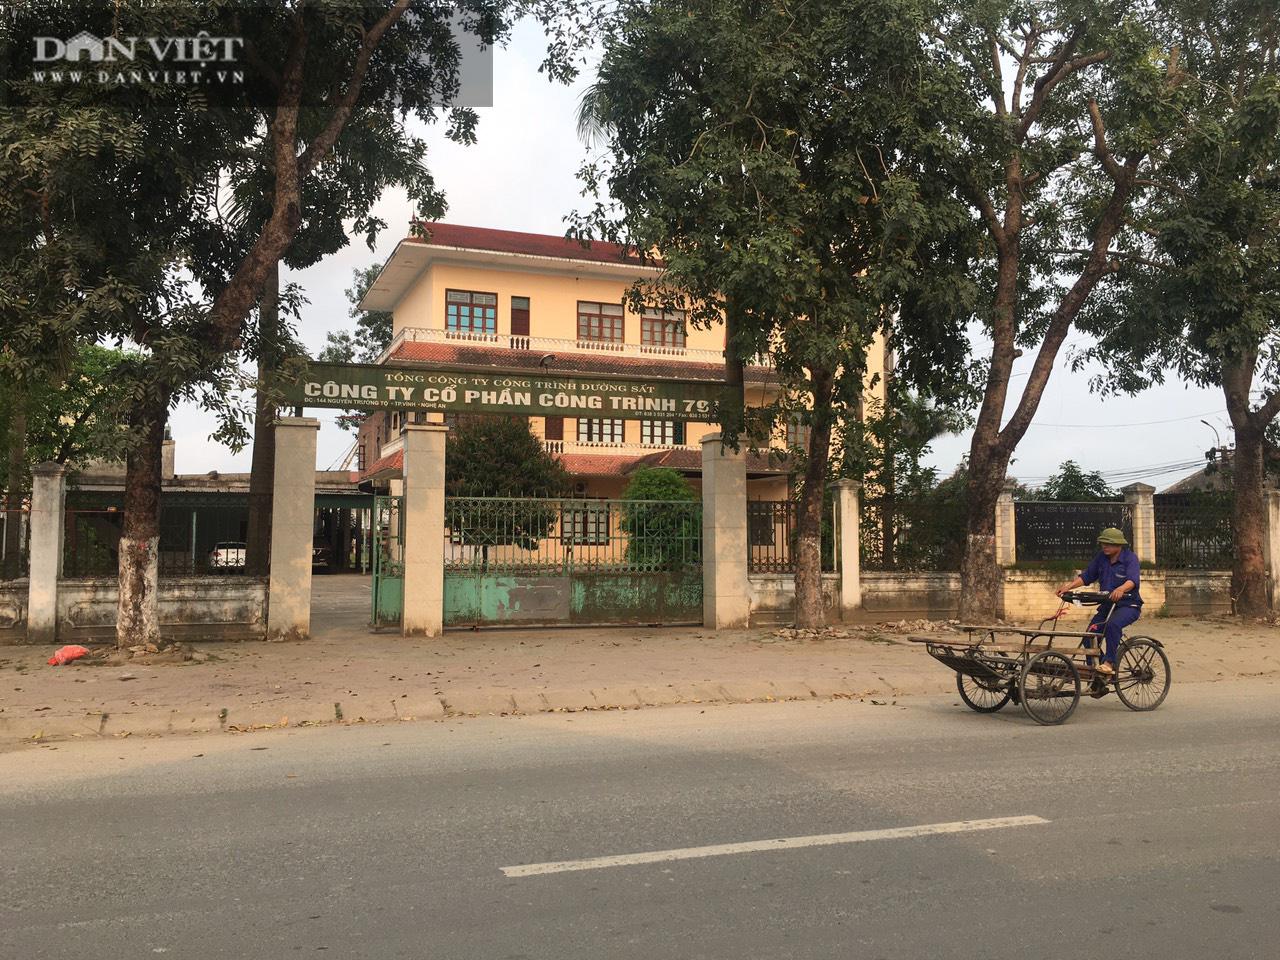 Nghệ An: Cận cảnh khu đất vàng khiến 6 cán bộ UBND TP Vinh bị kỷ   - Ảnh 2.